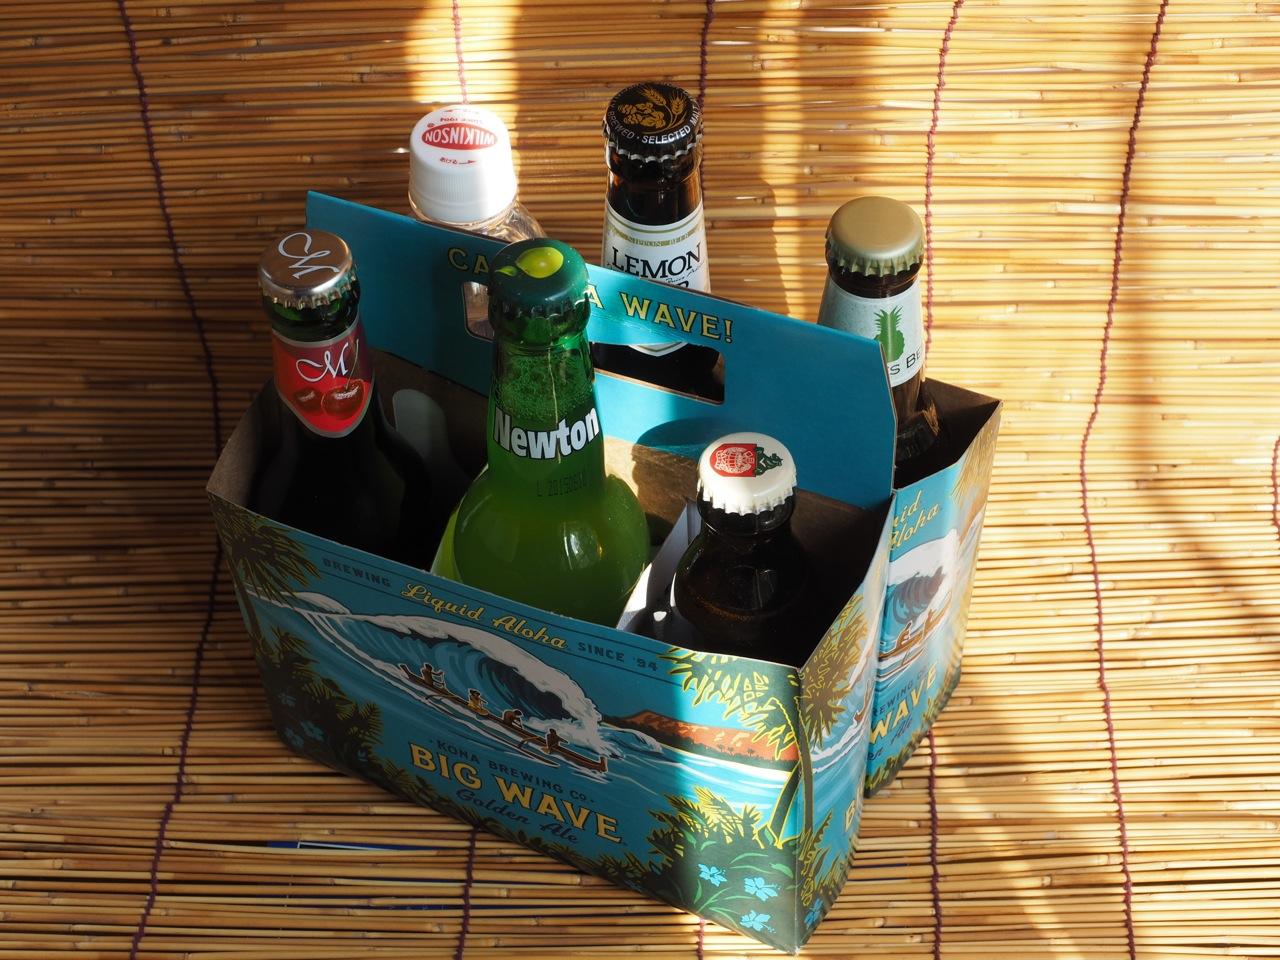 フルーツビールという夏向きの飲み物があります